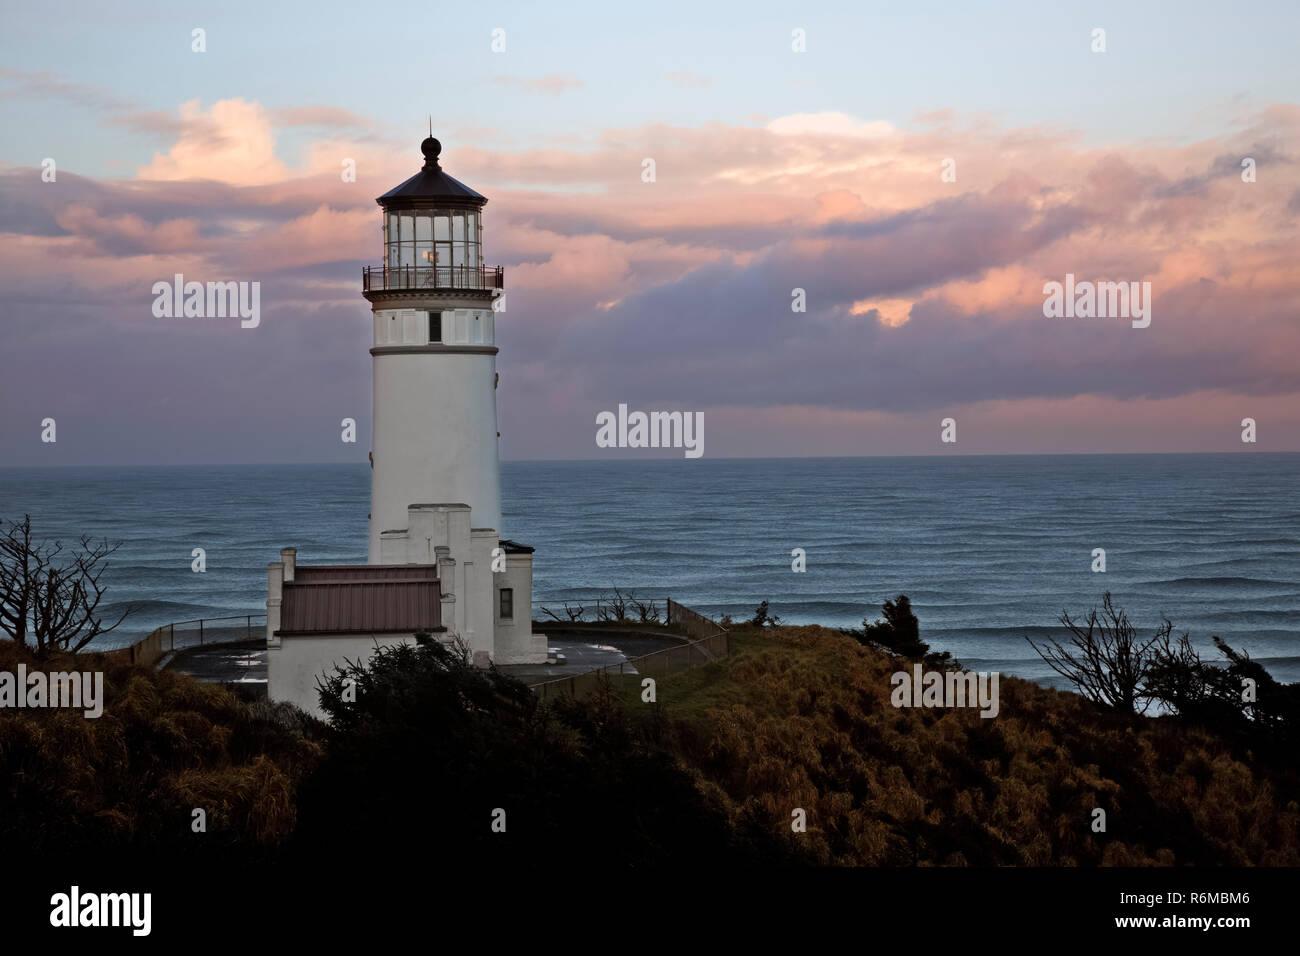 WA 15413-00 ... WASHINGTON - North Head Licht auf einem Kliff mit Blick auf den Pazifischen Ozean in Kap Enttäuschung State Park bei Sonnenaufgang entfernt. Stockfoto